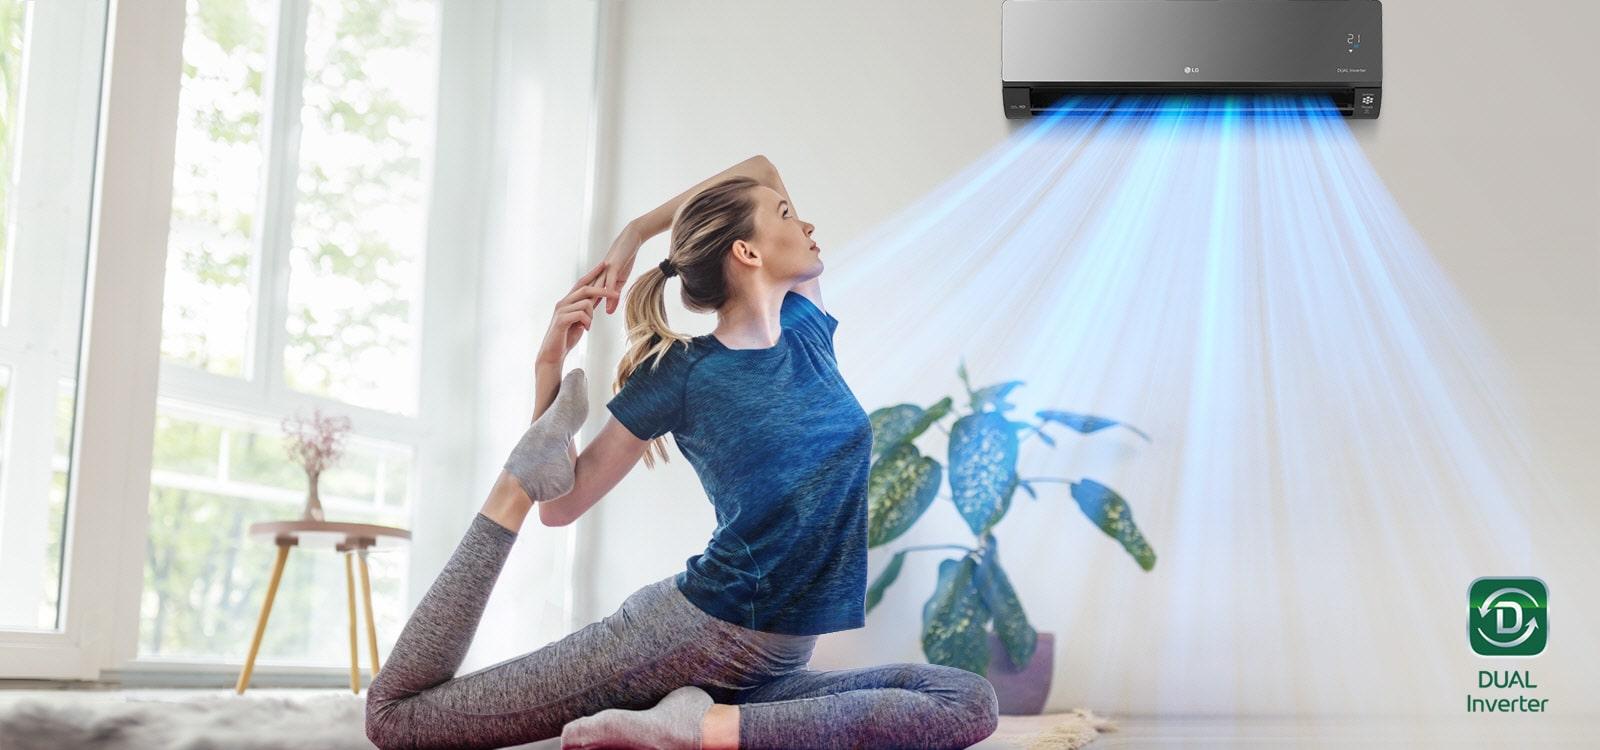 Žena se rasteže na podu. U pozadini je klima-uređaj i plavi zrak puše iznad žene i sobe. Logotip Dual Inverter nalazi se u donjem desnom kutu.